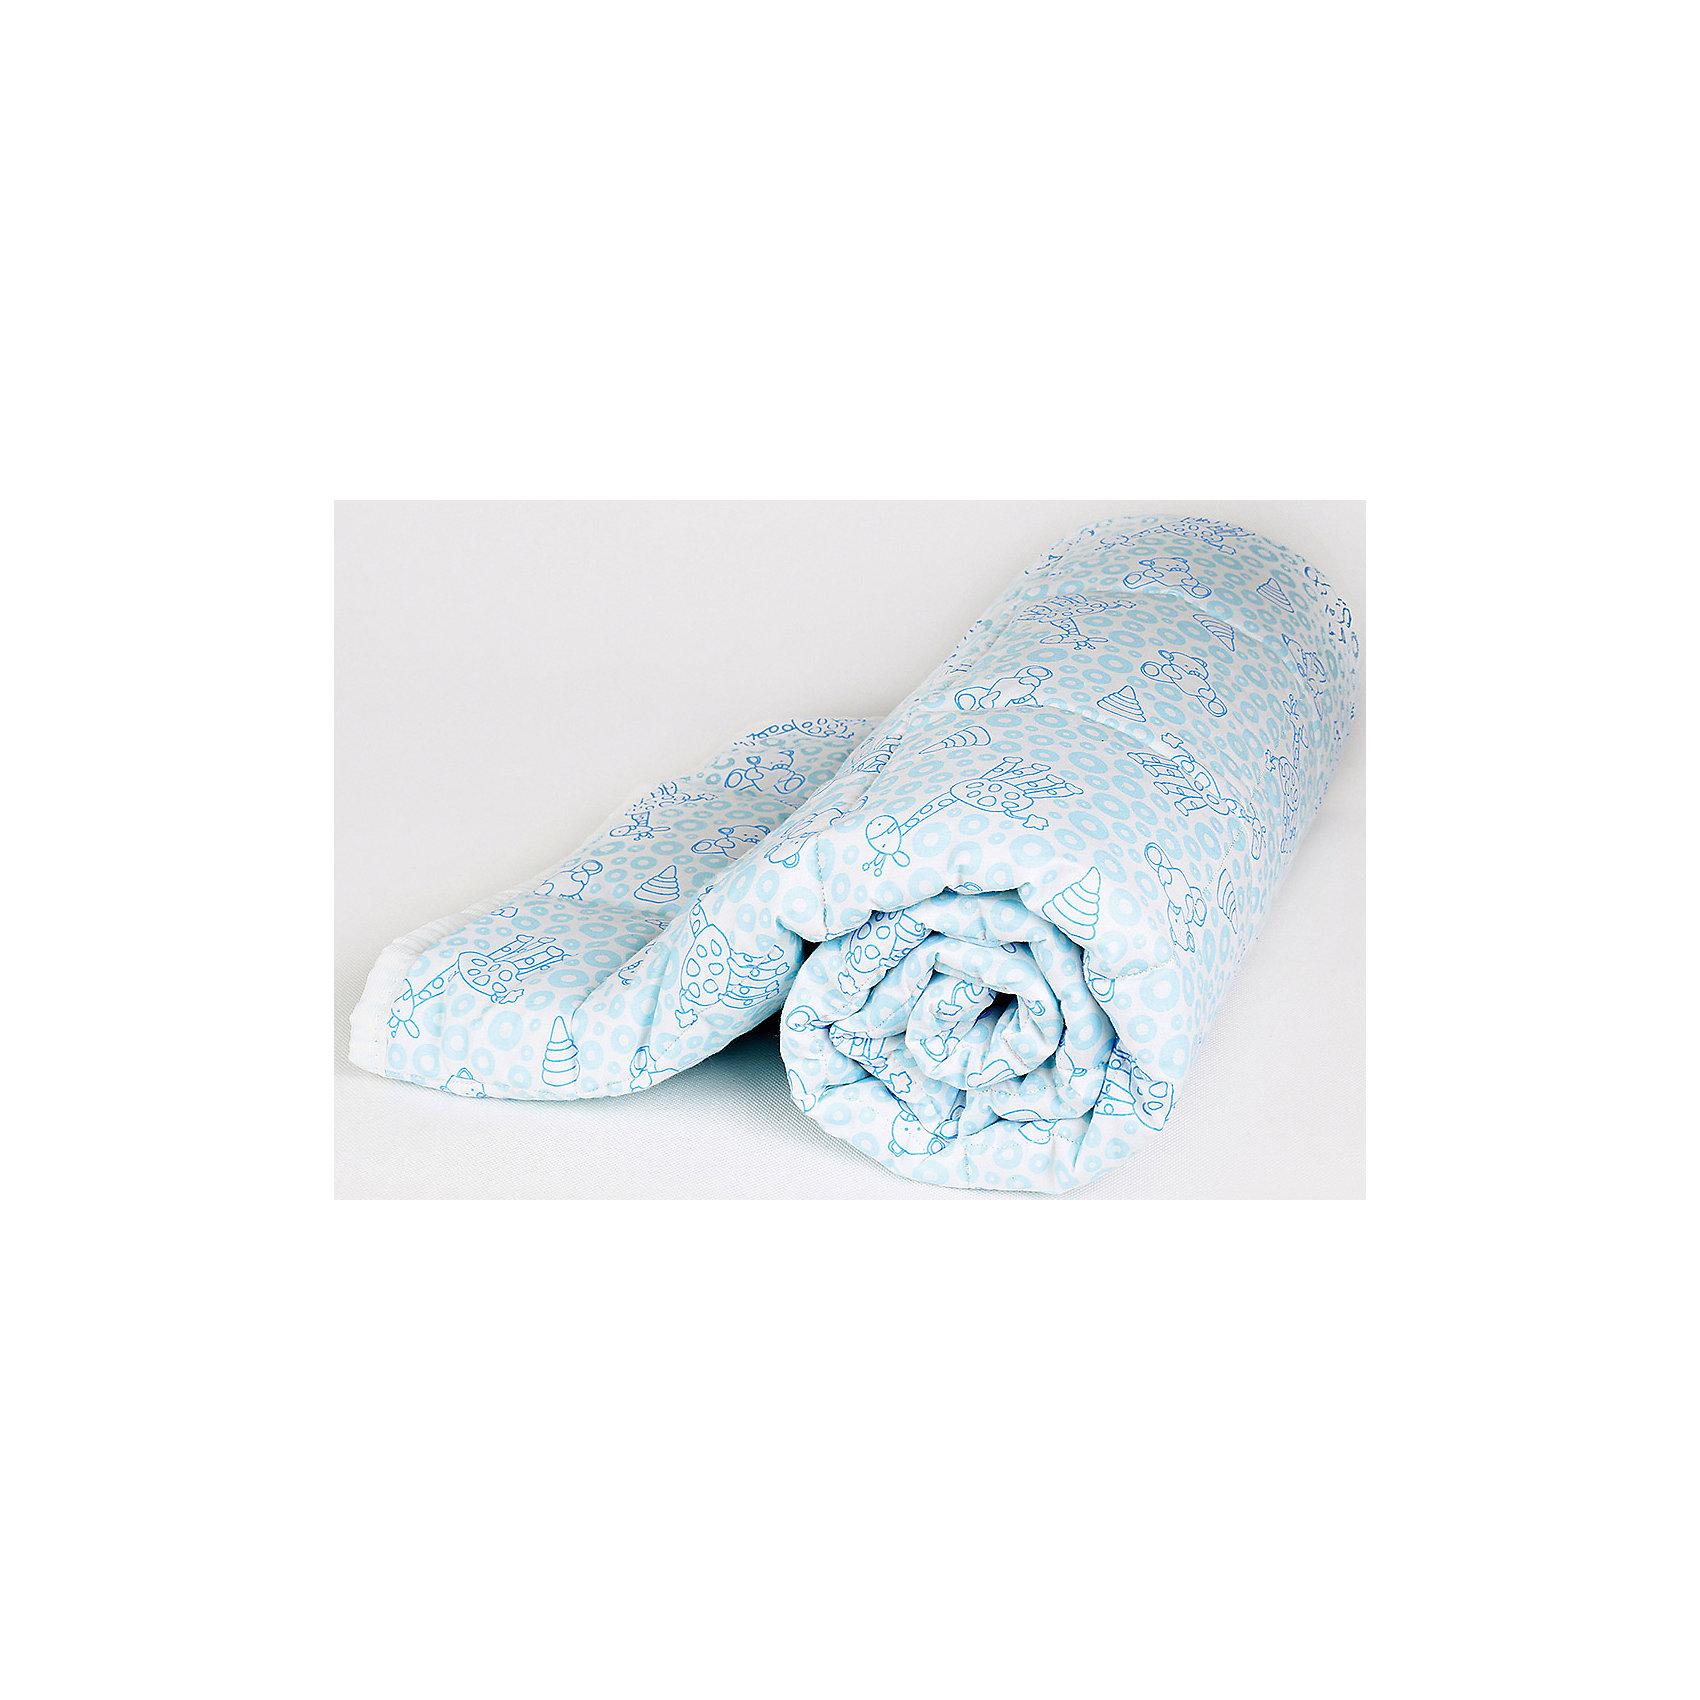 Одеяло стеганное Мишки и жирафы, файбер 300, 105х140, Baby Nice, голубойОдеяло стеганное Мишки и жирафы, файбер 300, 105х140, Baby Nice, голубой.<br><br>Характеристики:<br><br>- Размер: 105х140 см.<br>- Материал верха: 100% хлопок<br>- Наполнитель: файбер<br>- Плотность наполнителя: 300 г/м2<br>- Цвет: голубой<br>- Упаковка: пластиковая сумка-чехол<br>- Размер упаковки: 35x13х32 см.<br><br>Стёганое одеяло «Мишки и жирафы» от российского производителя Baby Nice - это прекрасное решение для детской кроватки, ведь оно отлично согреет малыша, подарив ему необыкновенный комфорт и уют. Одеяло изготовлено из высококачественных материалов: верх выполнен из 100%-го хлопка, а наполнитель - из файбера, благодаря чему одеяло невероятно лёгкое и обладает прекрасными дышащими и терморегуляционными свойствами. В нем заводятся пылевые клещи и микроорганизмы. К тому же оно гипоаллергенно, отлично стирается и не слеживается, быстро сохнет и не впитывает неприятные запахи. А принт с забавными жирафами и медвежатами обязательно порадует ребёнка.<br><br>Одеяло стеганное Мишки и жирафы, файбер 300, 105х140, Baby Nice, голубое можно купить в нашем интернет-магазине.<br><br>Ширина мм: 200<br>Глубина мм: 100<br>Высота мм: 100<br>Вес г: 500<br>Возраст от месяцев: 0<br>Возраст до месяцев: 36<br>Пол: Унисекс<br>Возраст: Детский<br>SKU: 4943420